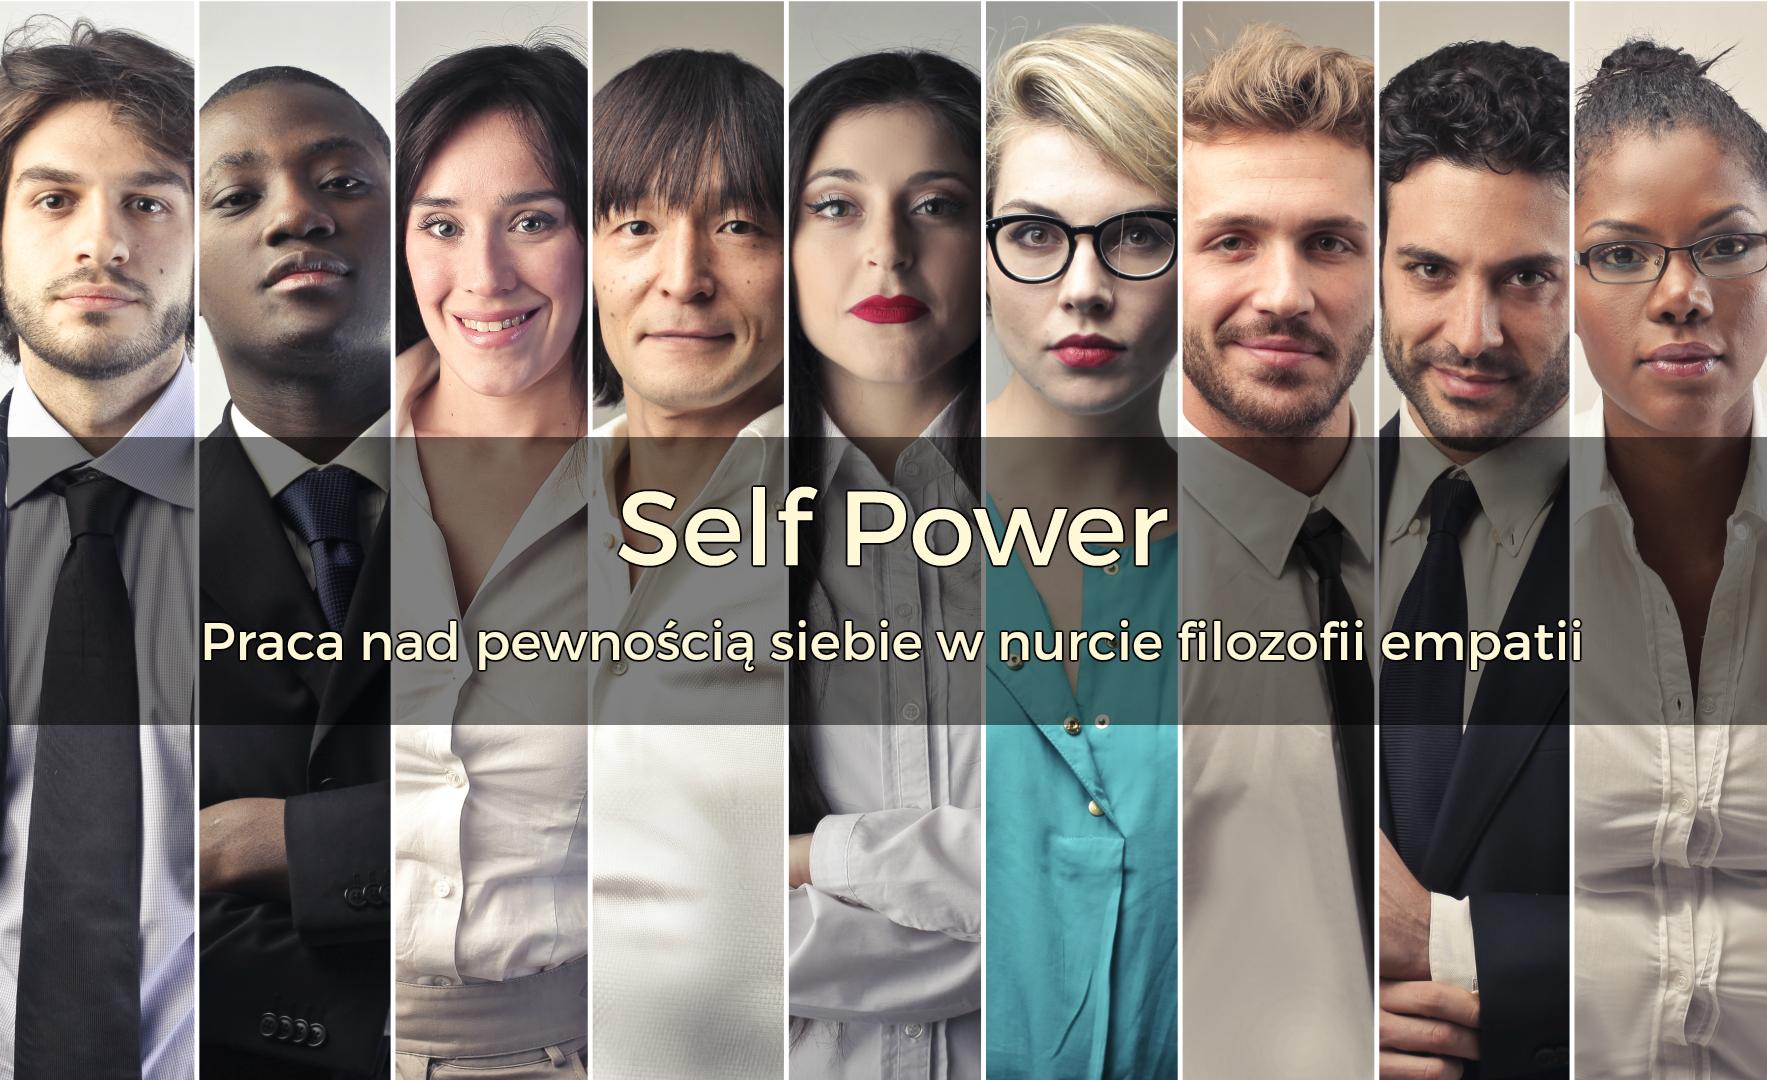 Self Power – praca nad pewnością siebie i transformacja wstydu w nurcie filozofii empatii | 2018 | Warszawa